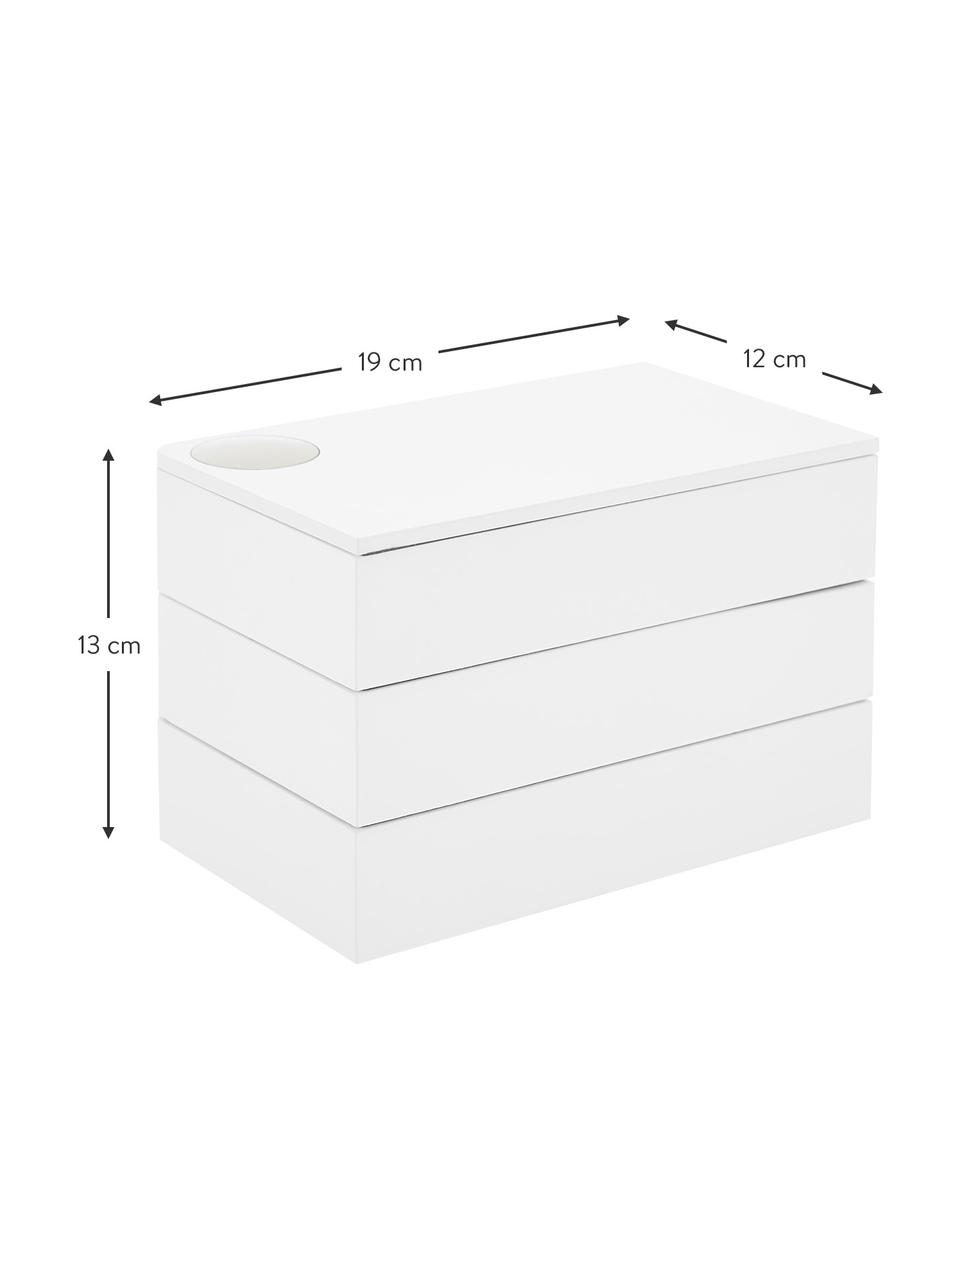 Schmuckbox Spindle, Buchenholz, lackiert, Weiß, 19 x 13 cm